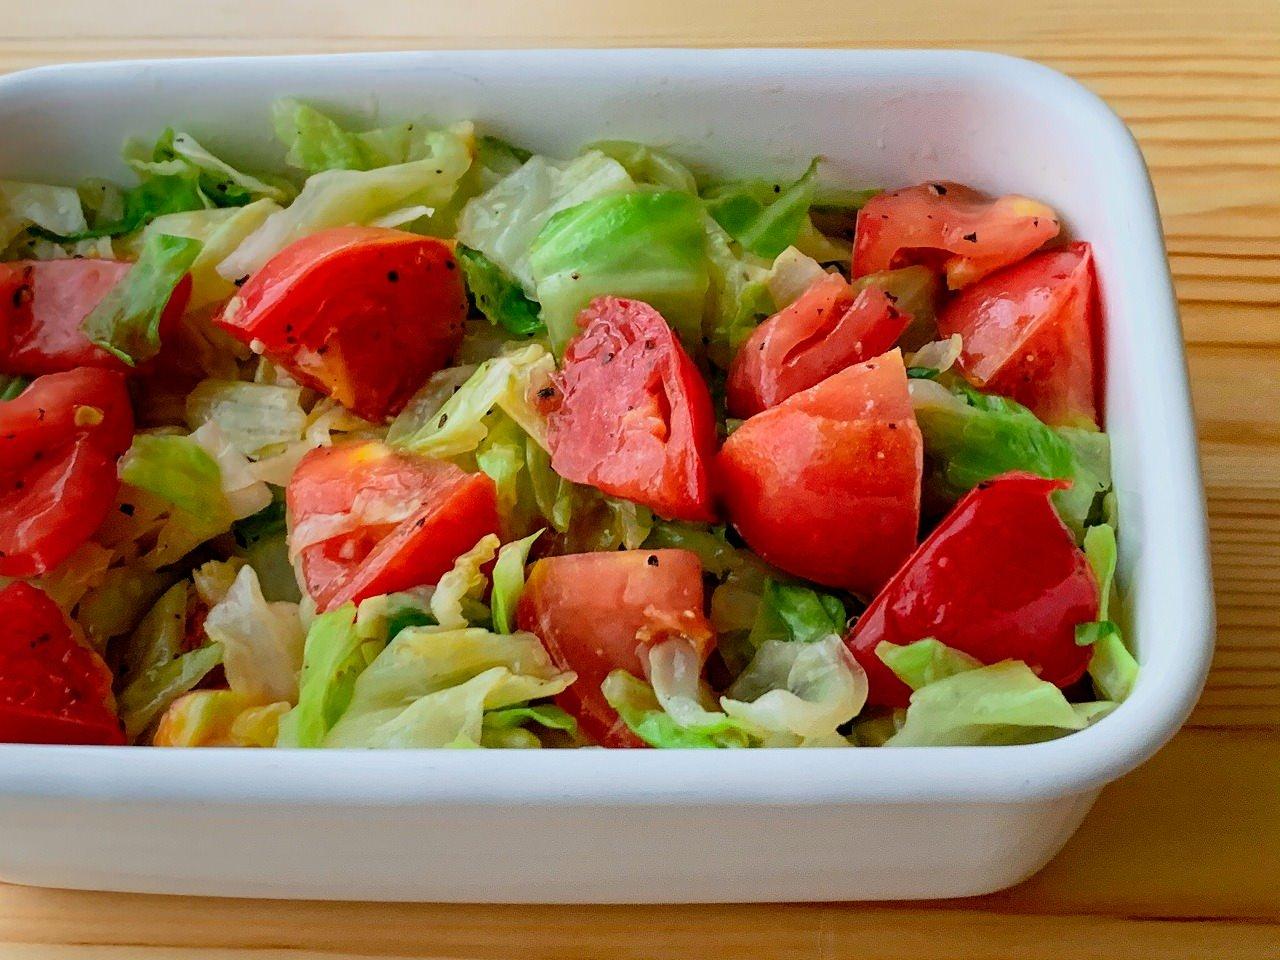 キャベツとトマトのマリネサラダ